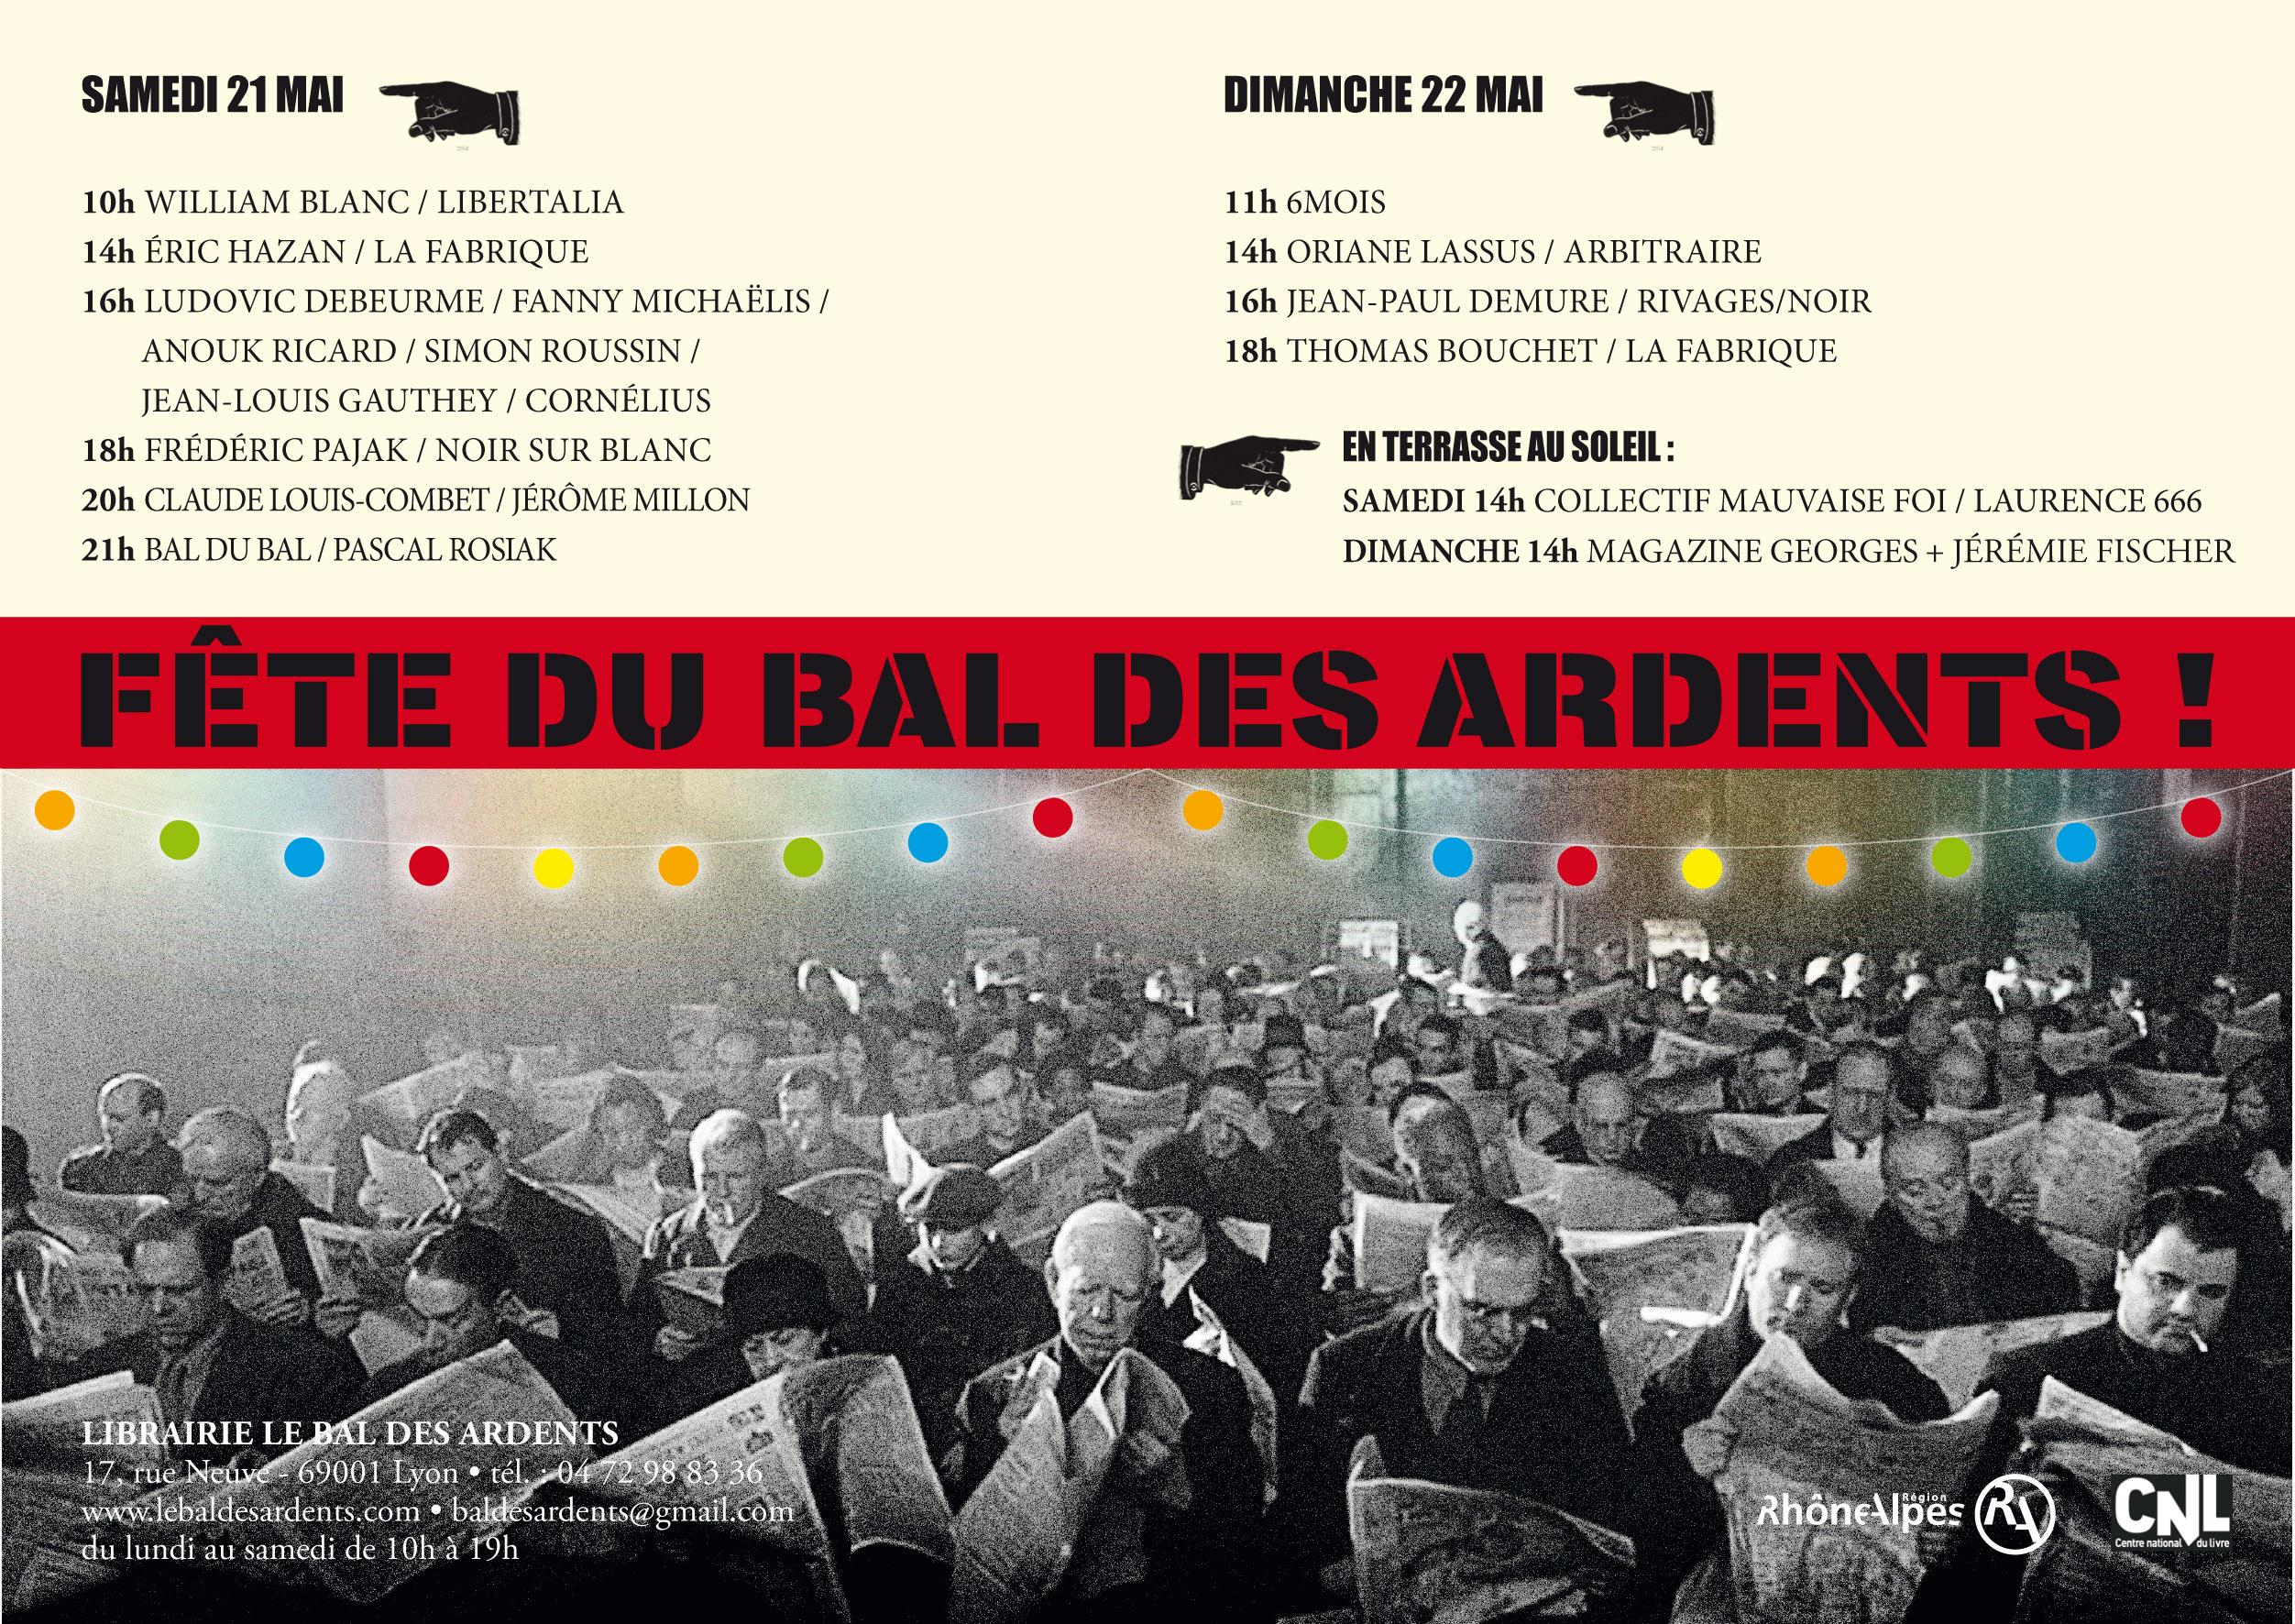 Fete_Bal-des-ardents_Mai2016-2